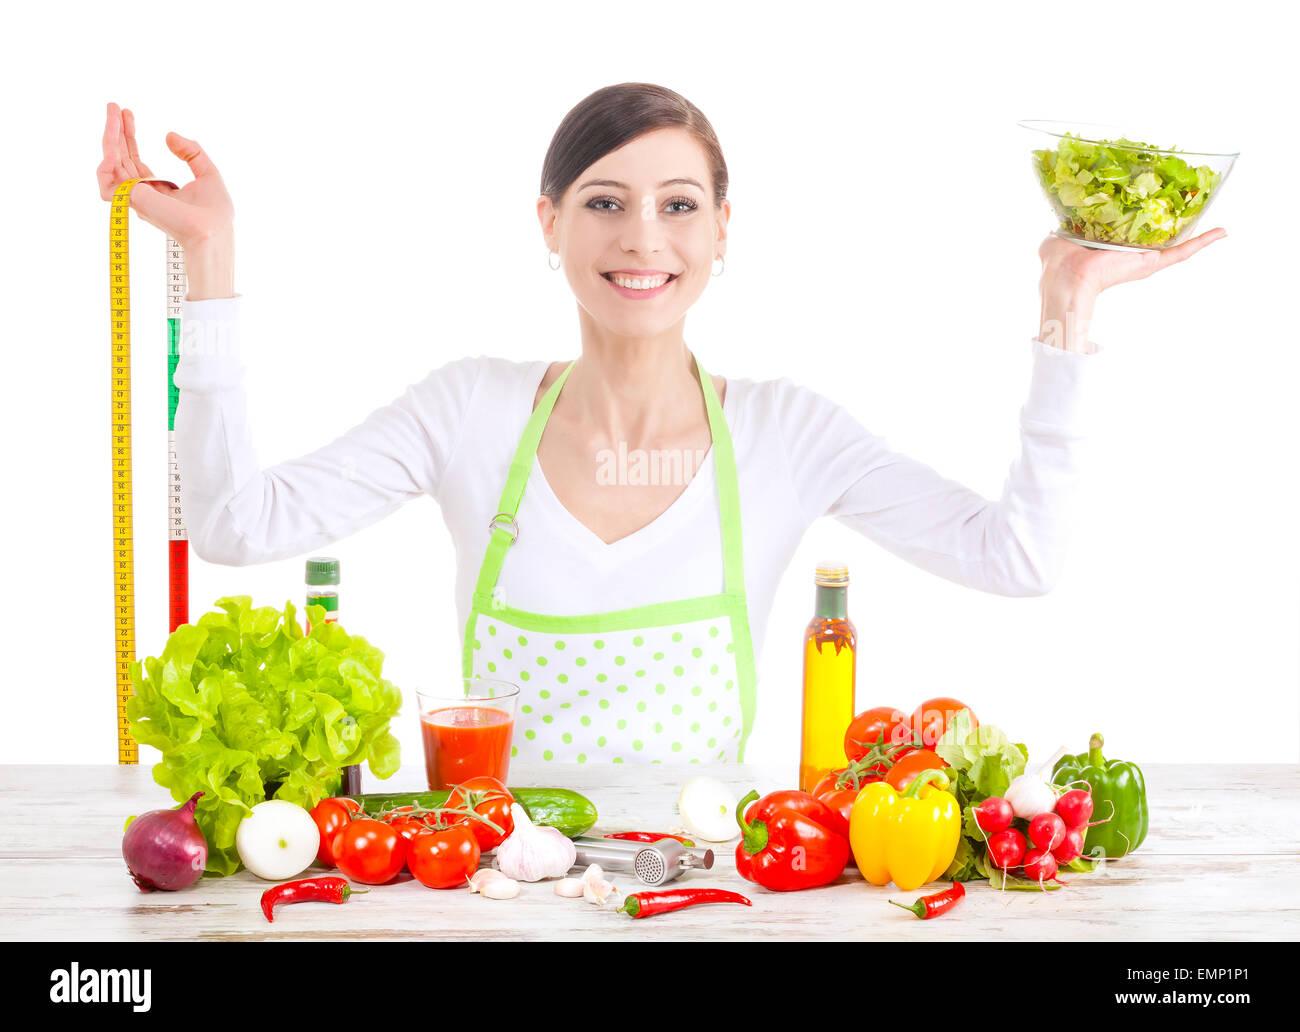 Jeune femme heureuse avec salade et ruban à mesurer, une alimentation saine et l'alimentation de concept. Photo Stock